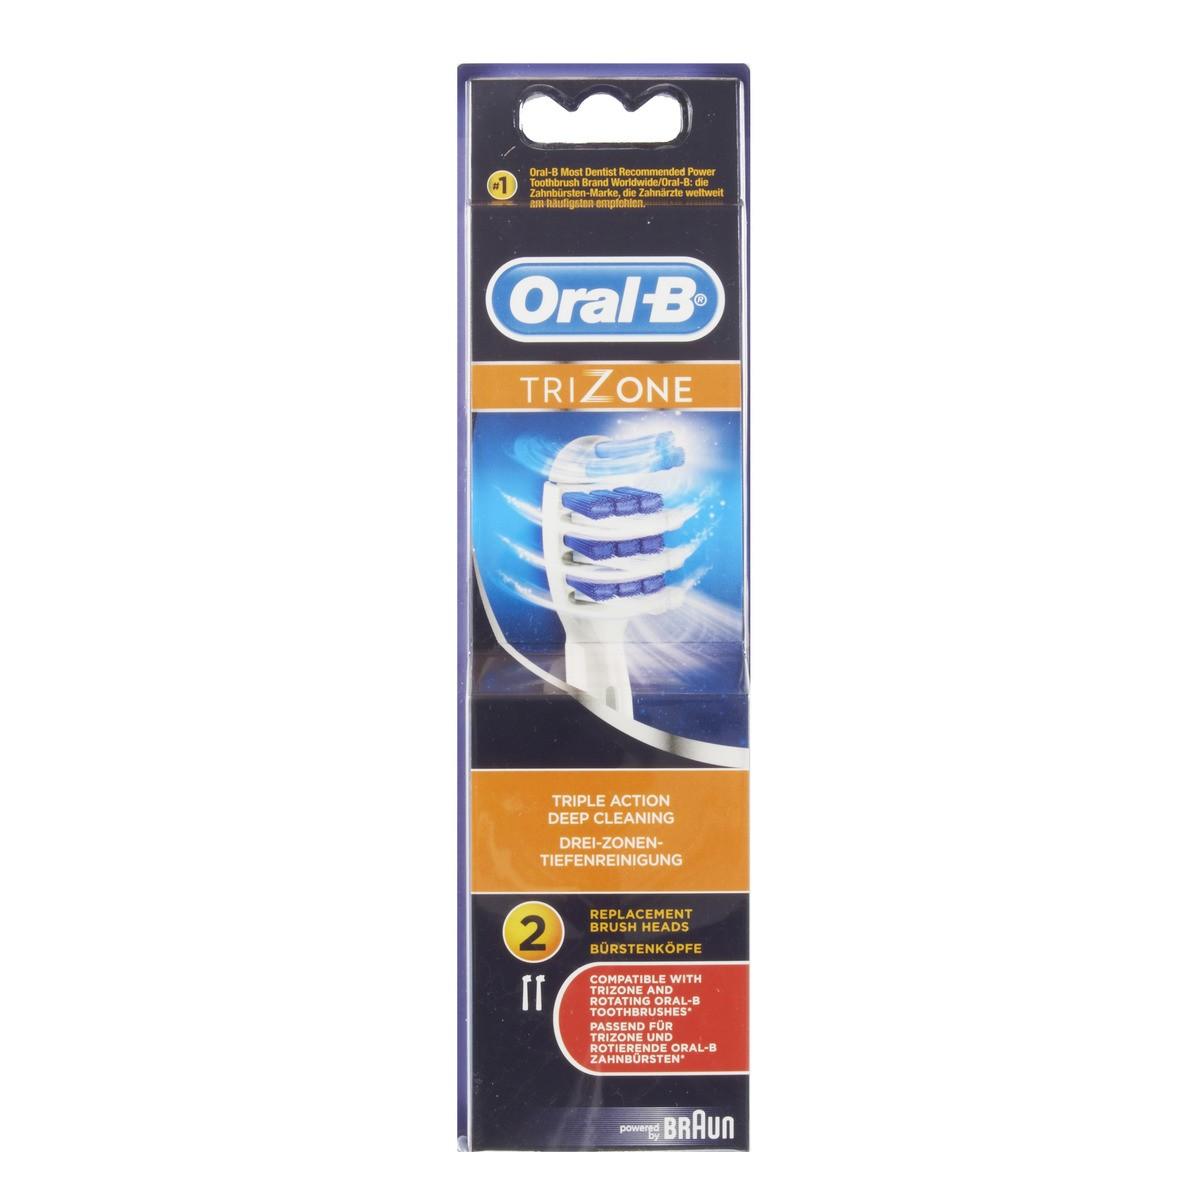 Oral-B Ricambi per spazzolino elettrico TriZone